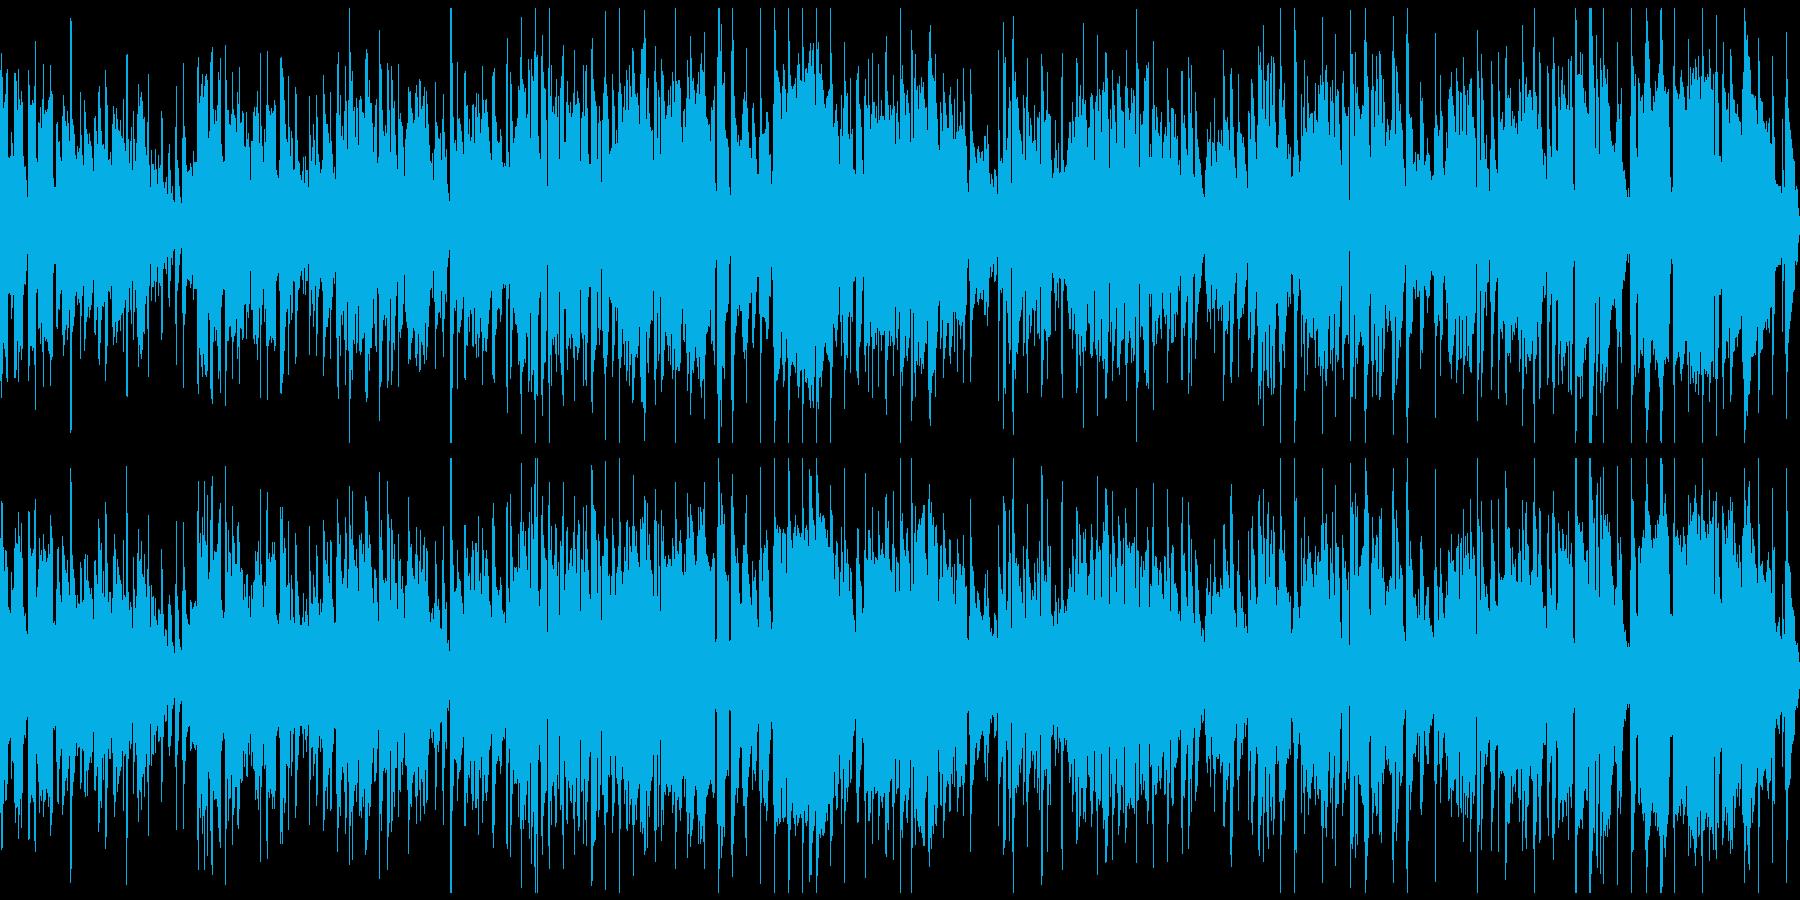 ウキウキするジャズファンク※ループ仕様版の再生済みの波形